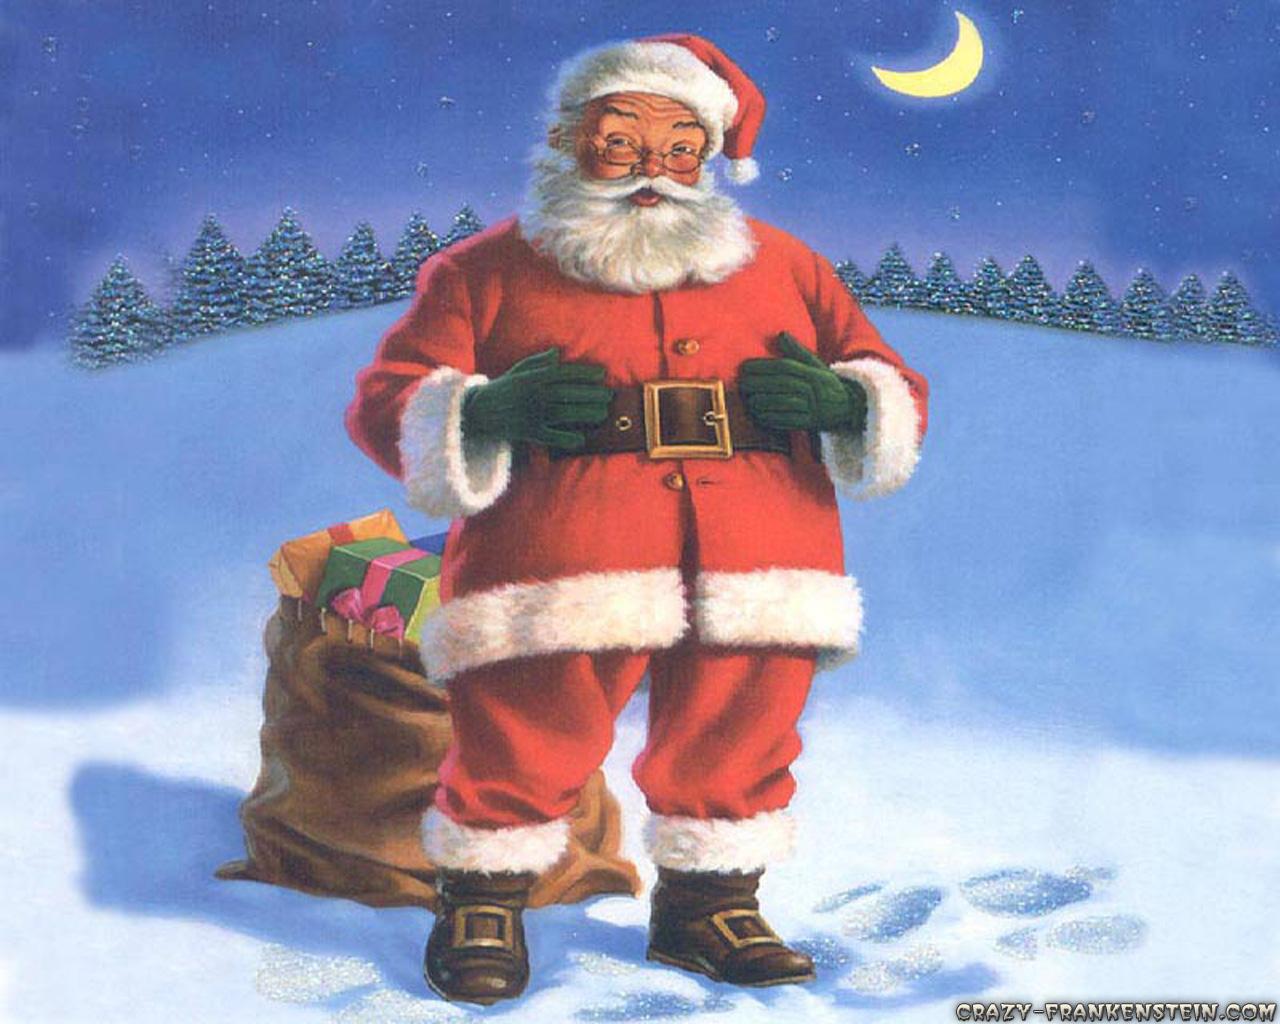 http://4.bp.blogspot.com/_ltB1v3541rc/TNvcAFOSV5I/AAAAAAAAAdI/py95E8SuvbA/s1600/santa-claus-ho-ho-ho-christmas-wallpapers-1280x1024.jpg